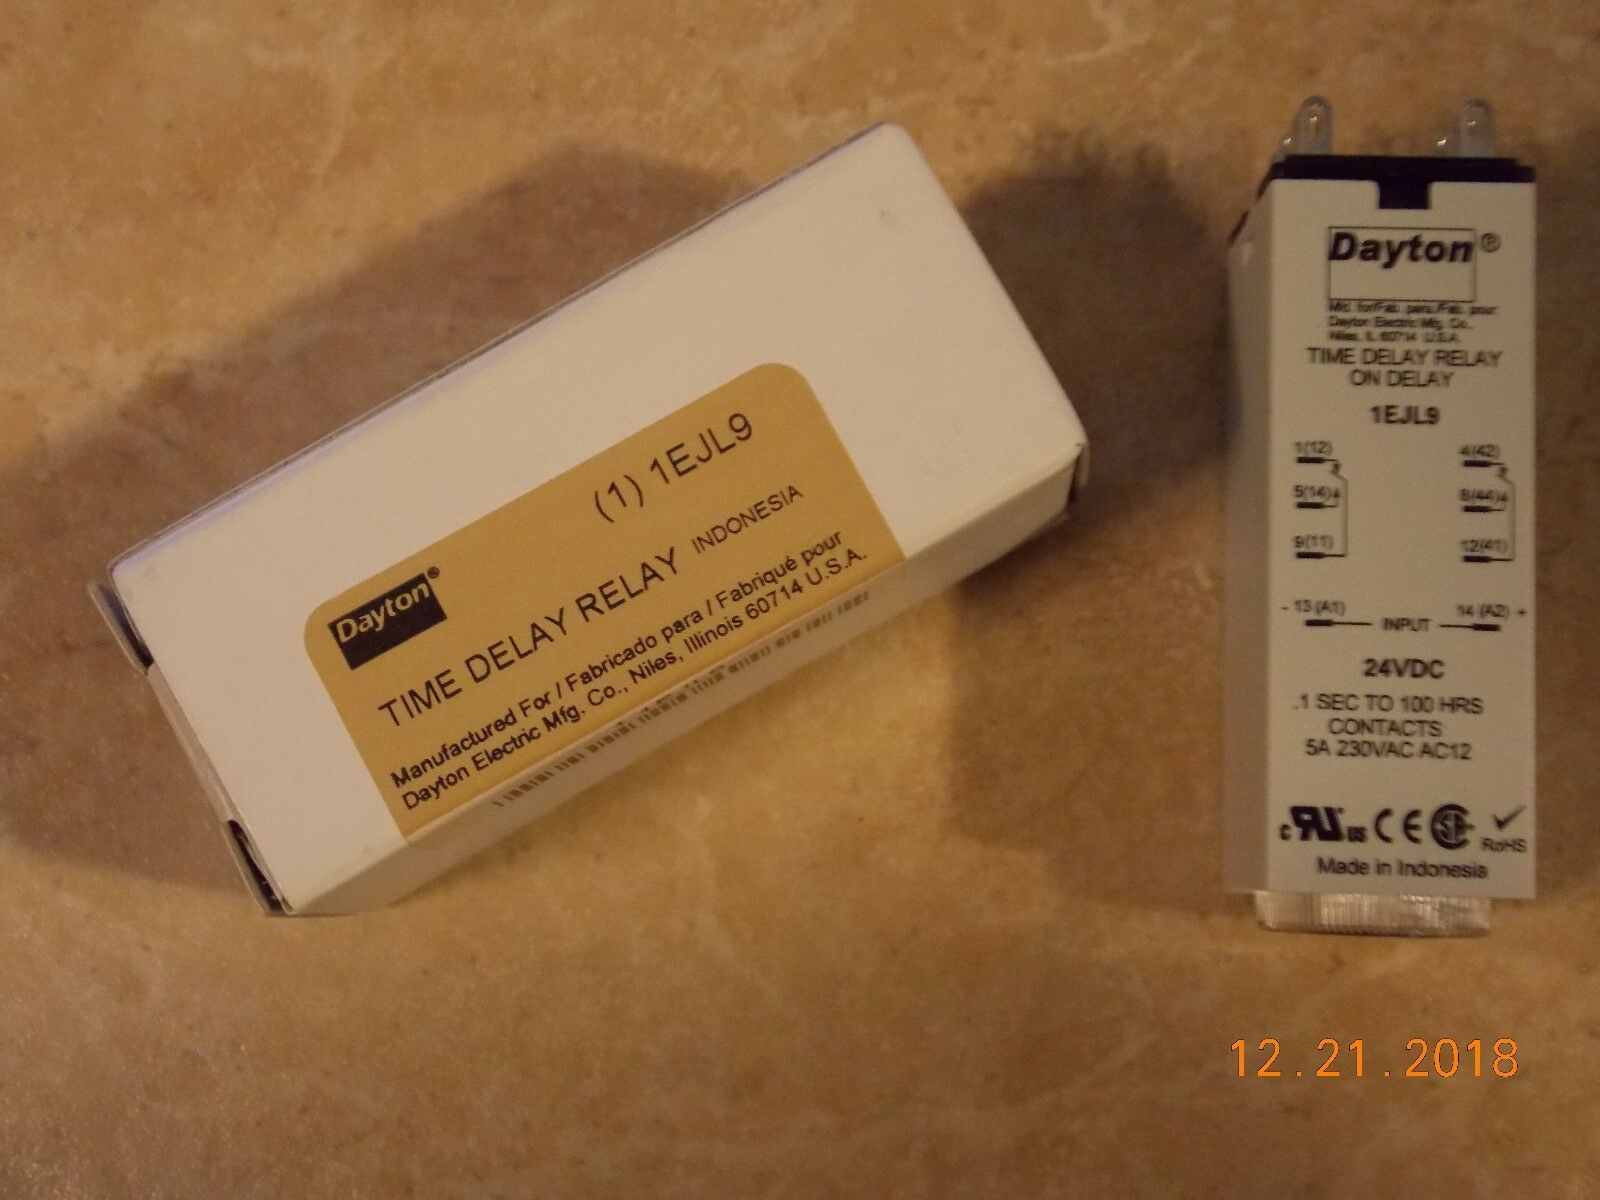 Dayton 1EJL9 Time Delay Relay 8 Pin 5a DPDT 24v on